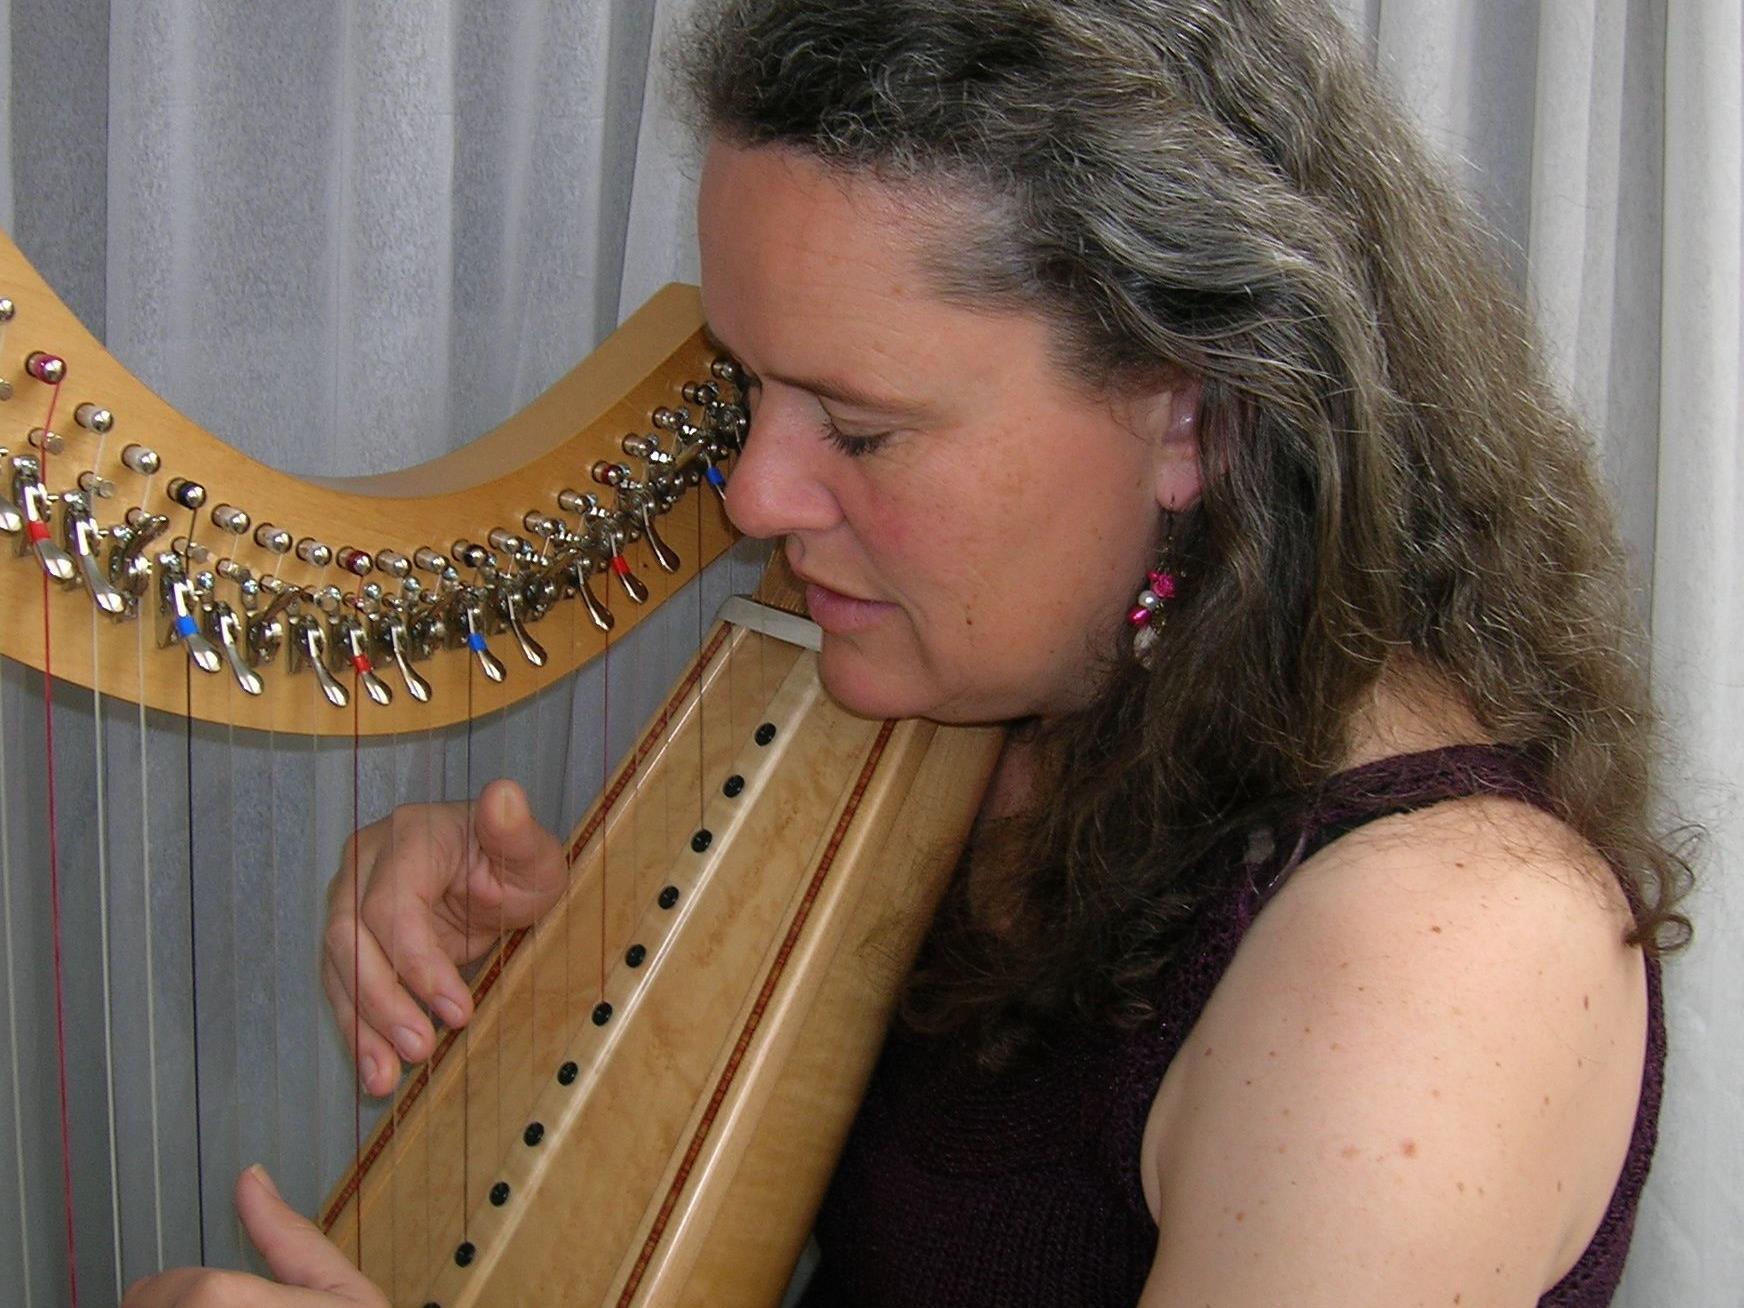 Sonja Bühler an der irischen Harfe